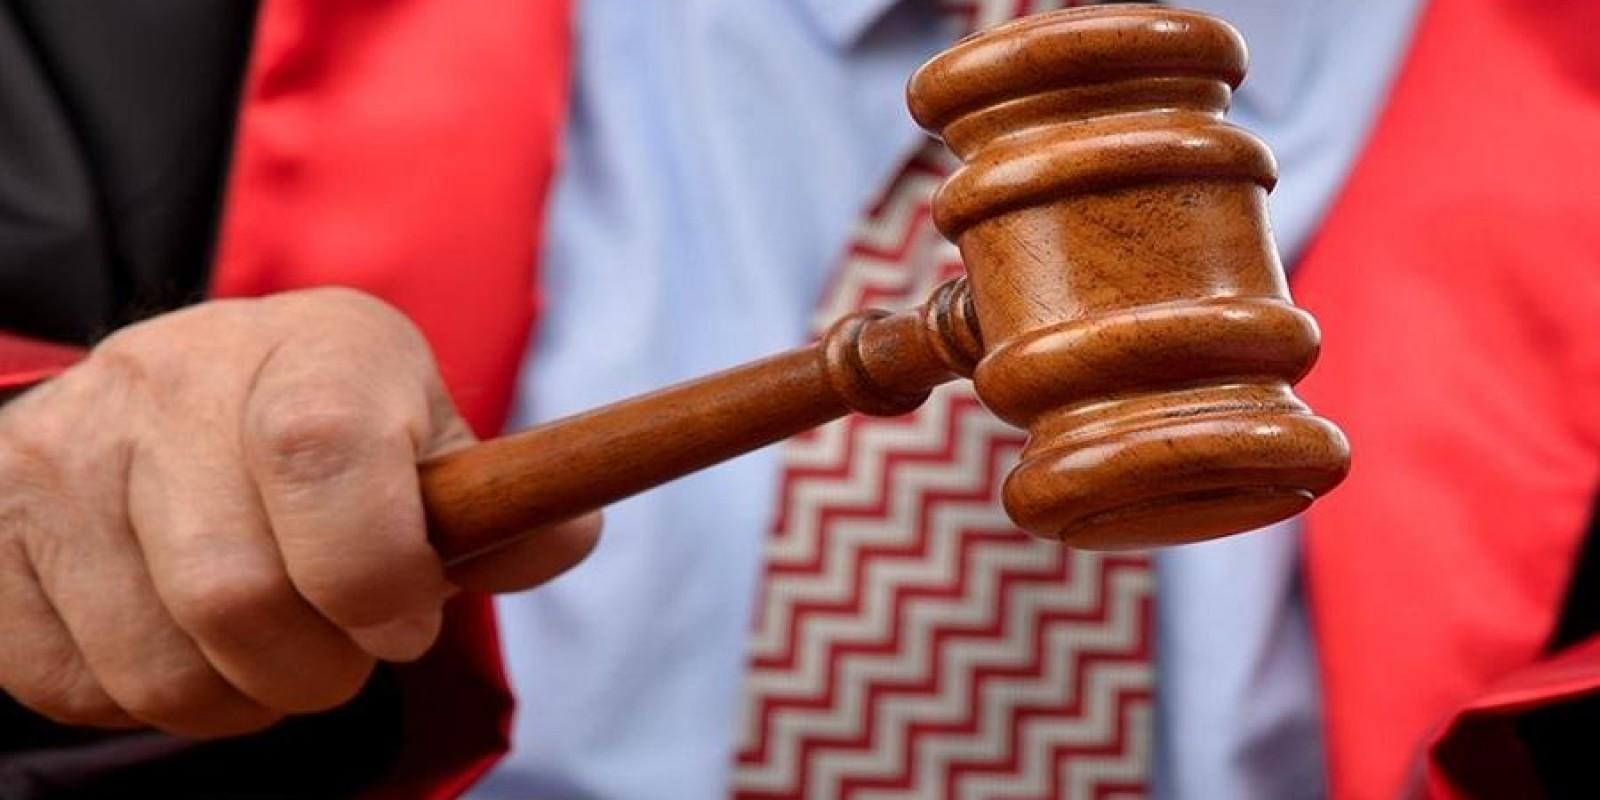 Juízes não vão aplicar as reformas trabalhistas? Nem eles sabem o que fazer